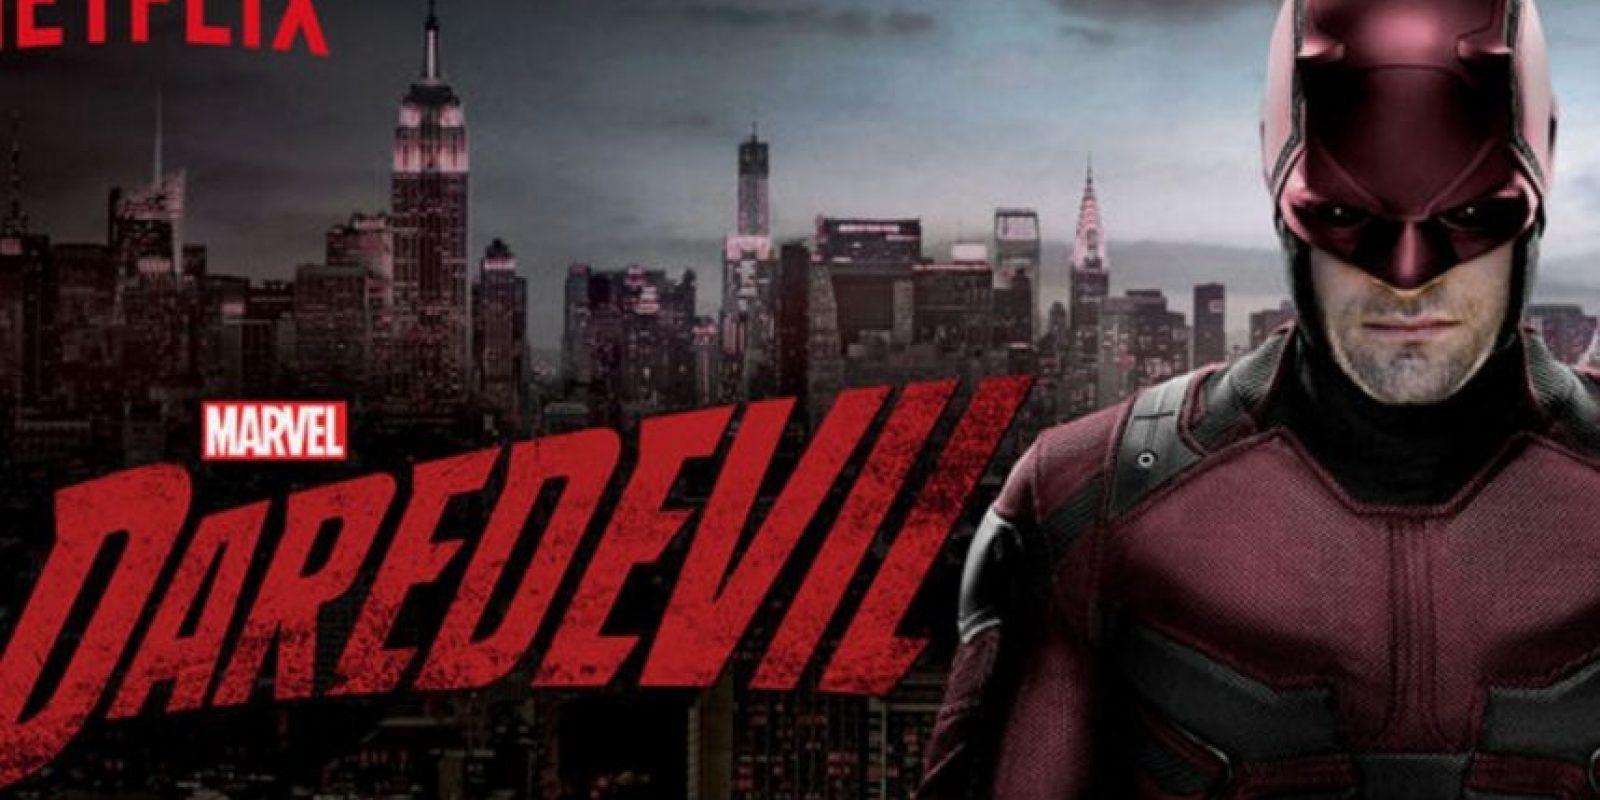 """""""Matt Murdock"""" es un abodado de Nueva York que queda ciego tras un accidente que, a su vez, incrementó sus cuatro sentidos restantes, mismas que lo ayudarán a luchar contra el crimen durante las noches bajo el sobrenombre de """"Daredevil"""". Foto:Netflix"""